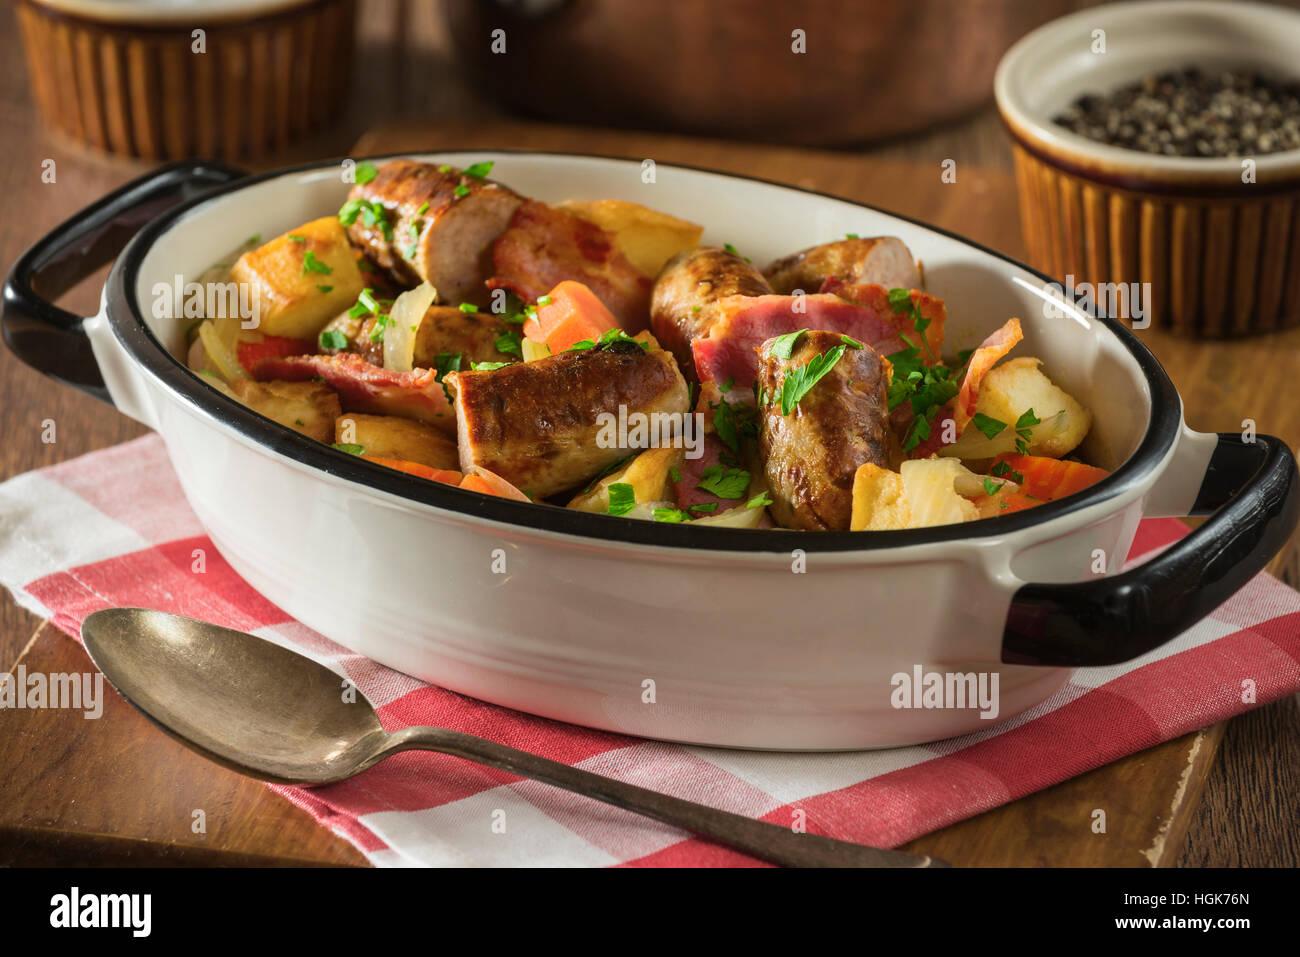 Dublino vizierà. Tradizionale di patate irlandese, salsicce e bacon stufato. Il cibo in Irlanda Immagini Stock